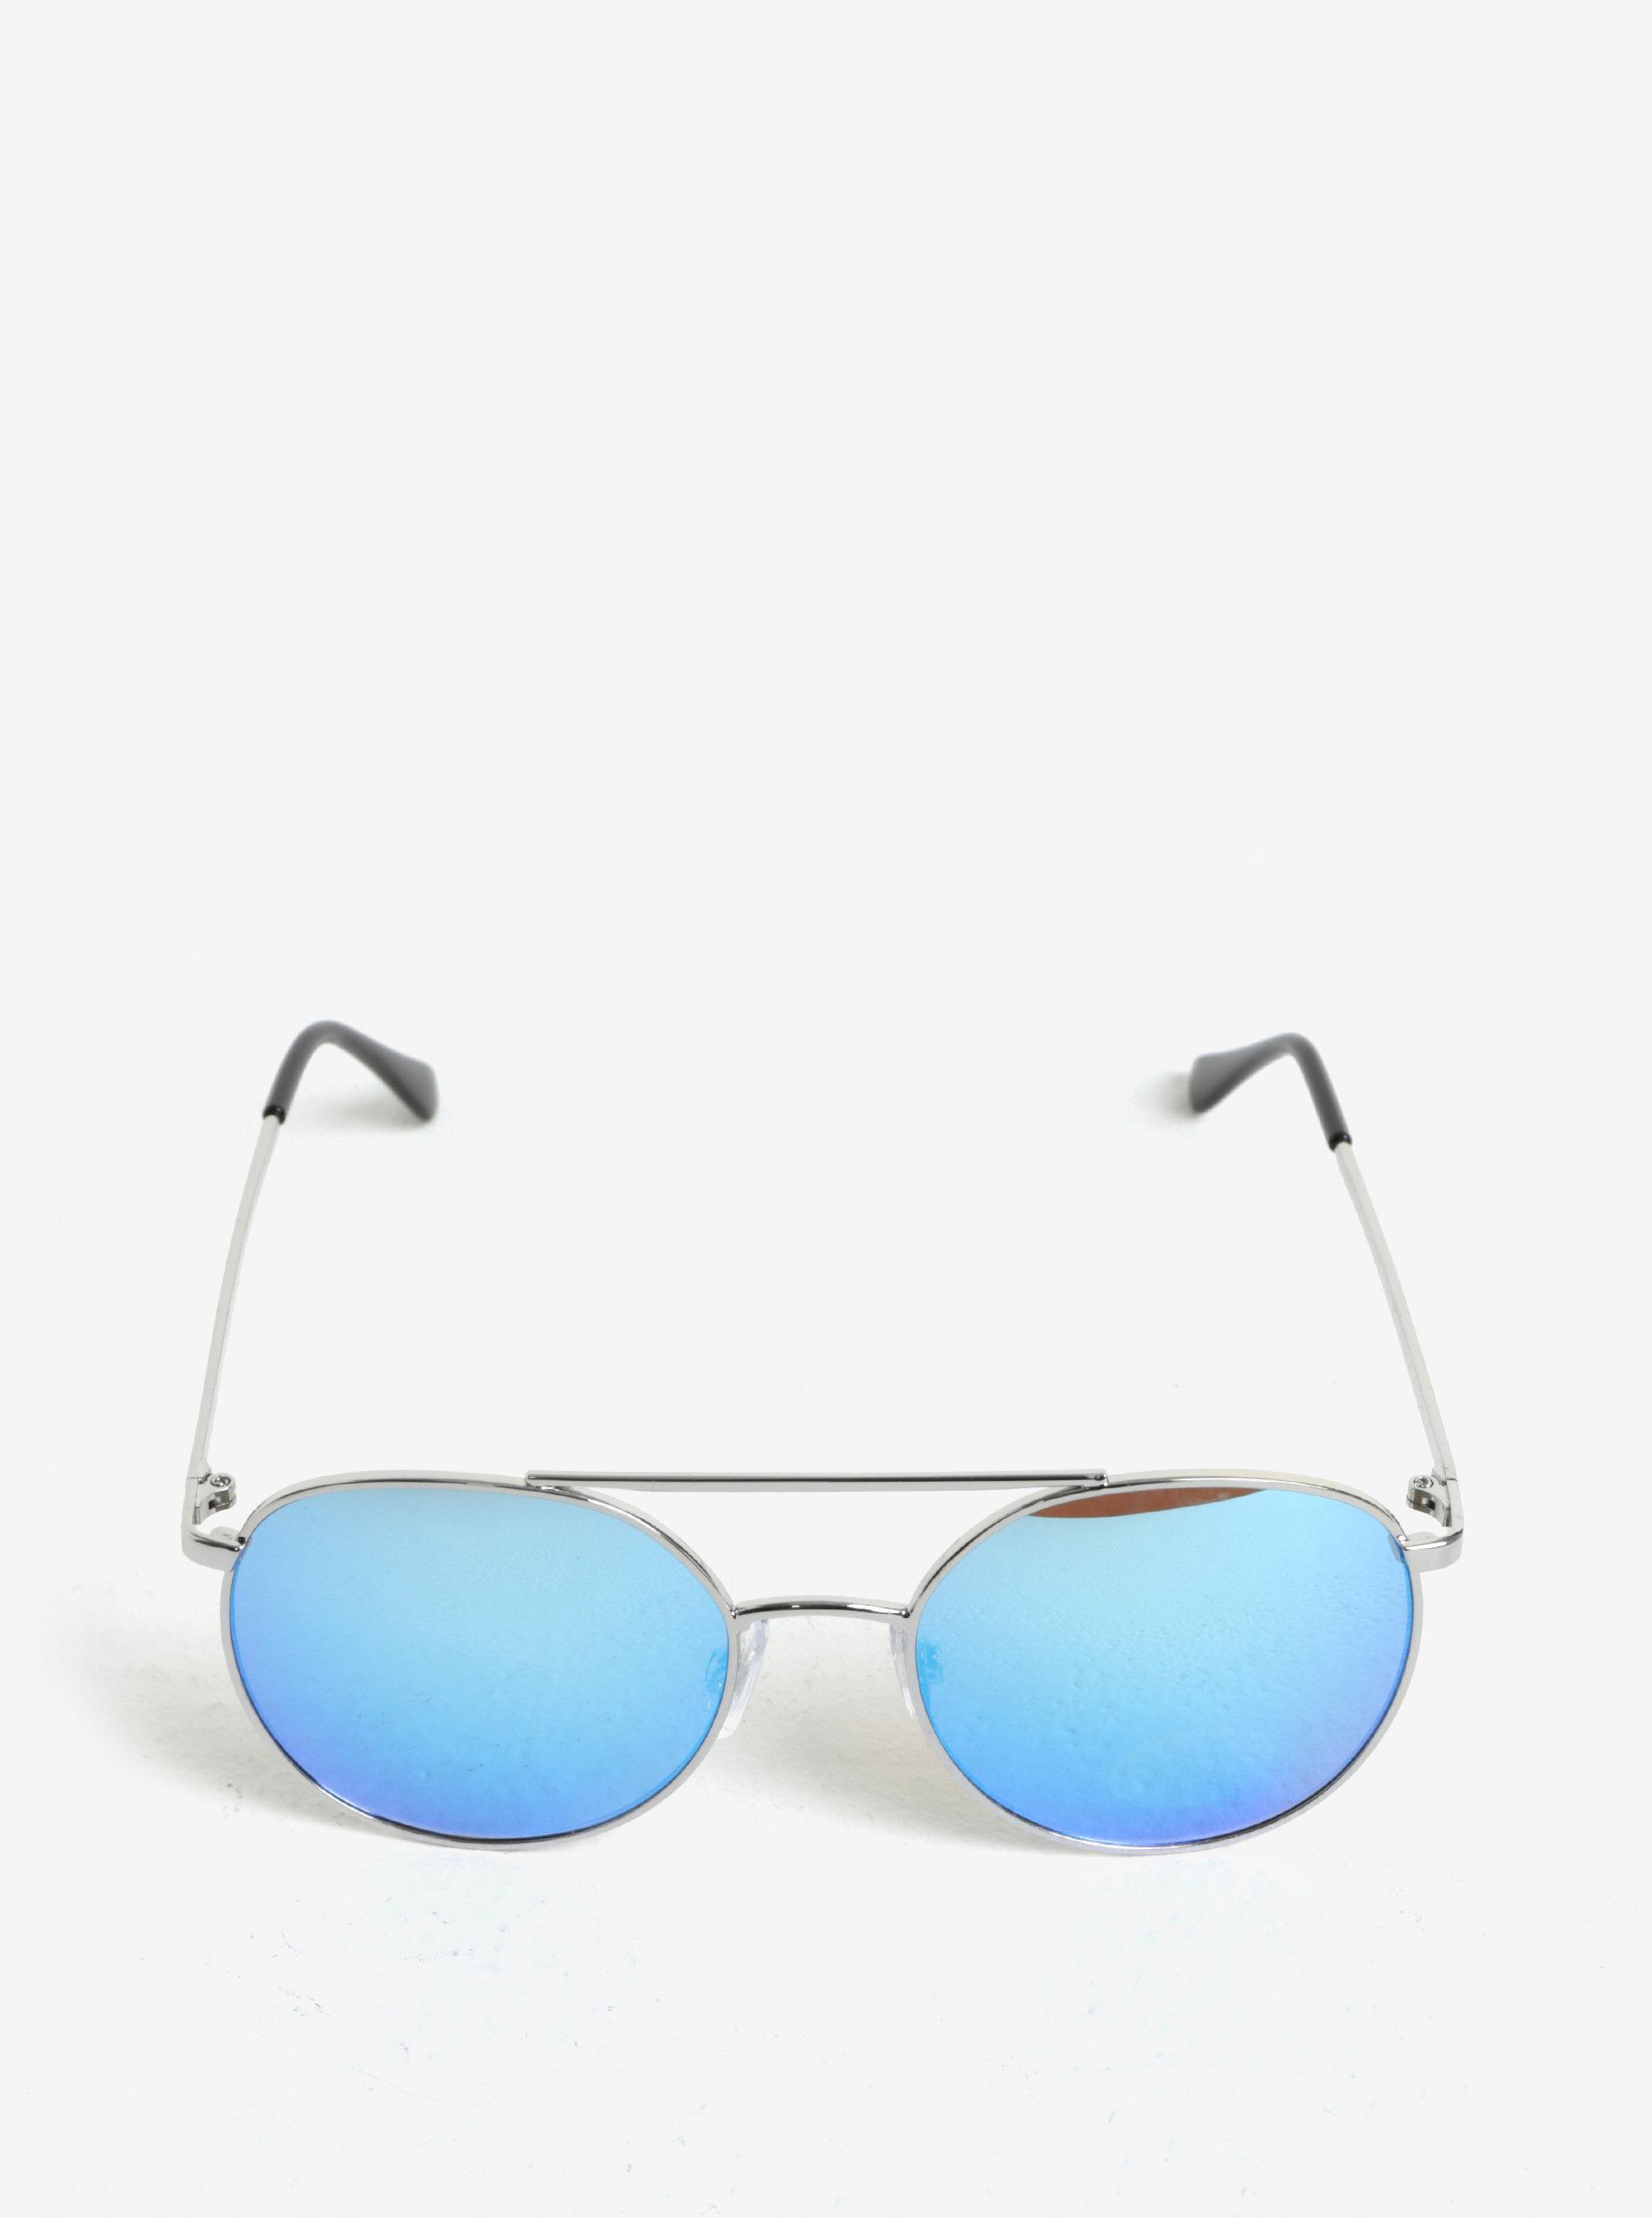 Detské slnečné okuliare v striebornej farbe name it Sun ... 8cef52b41f2